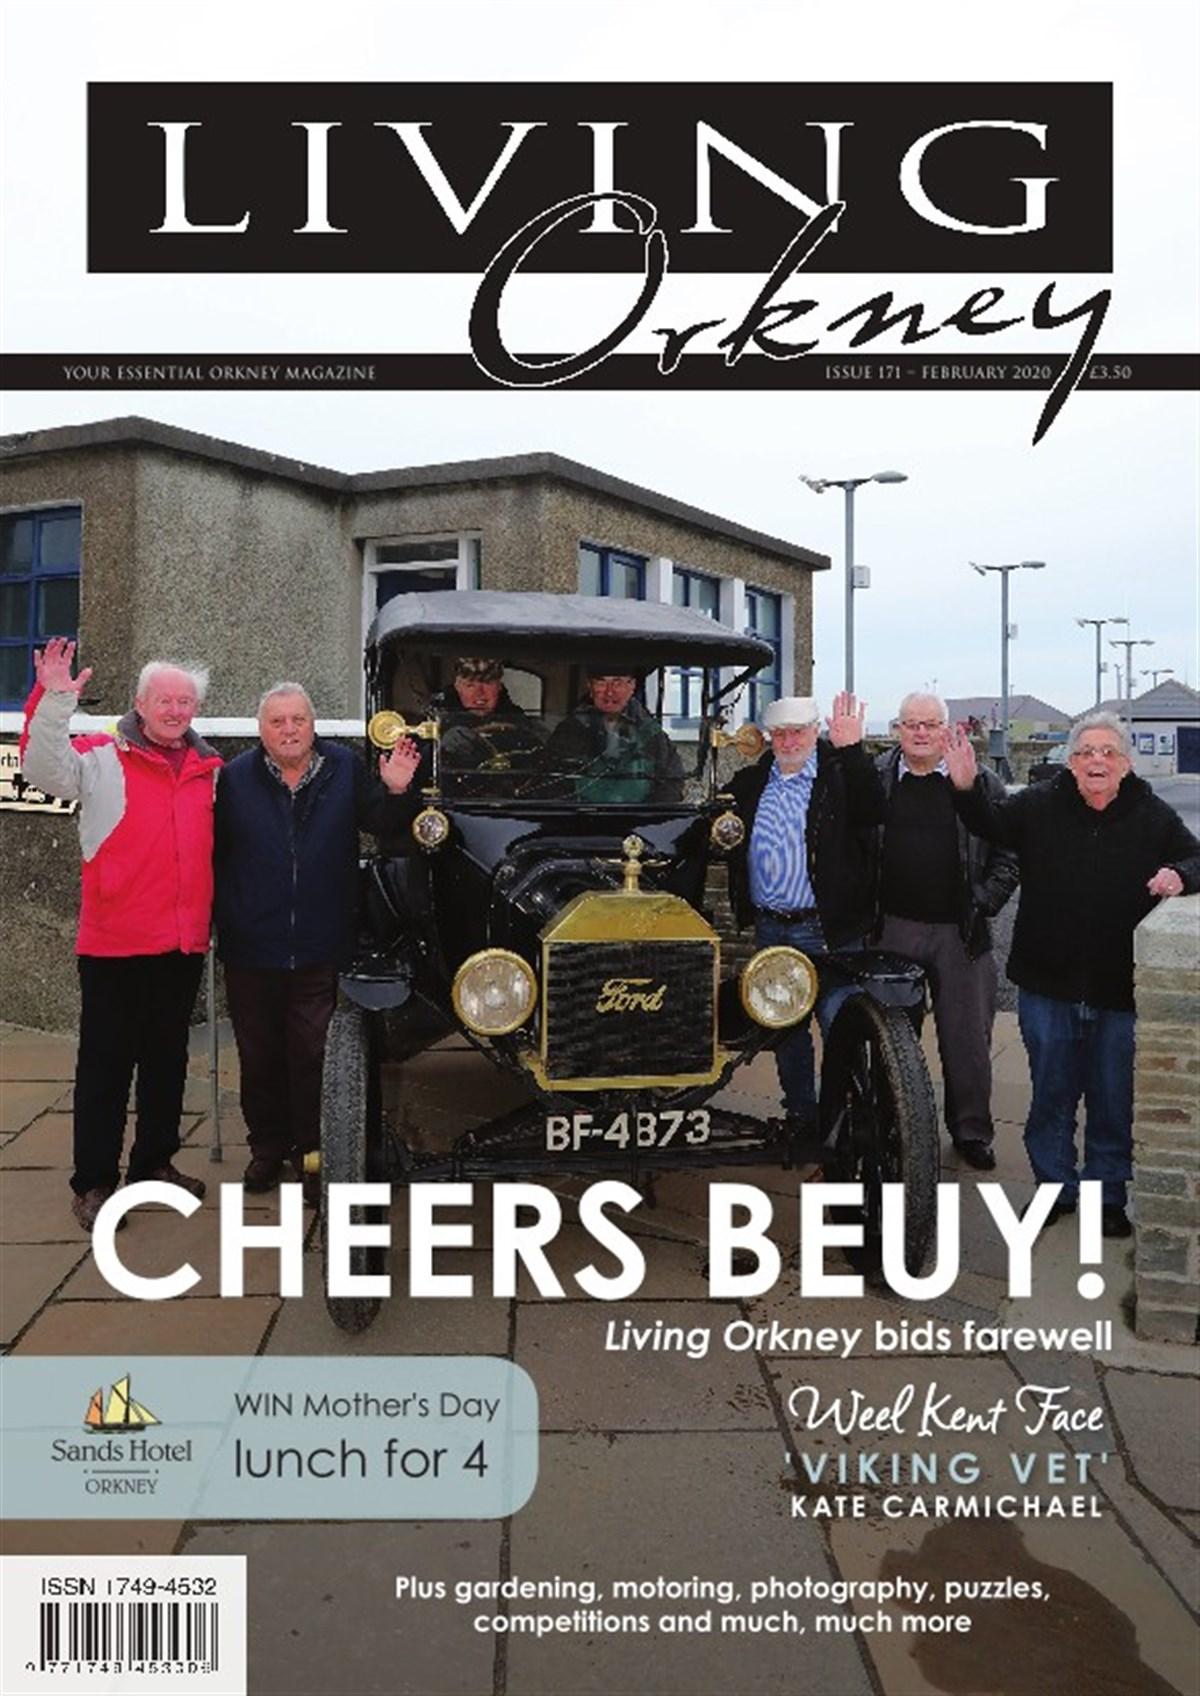 Living Orkney